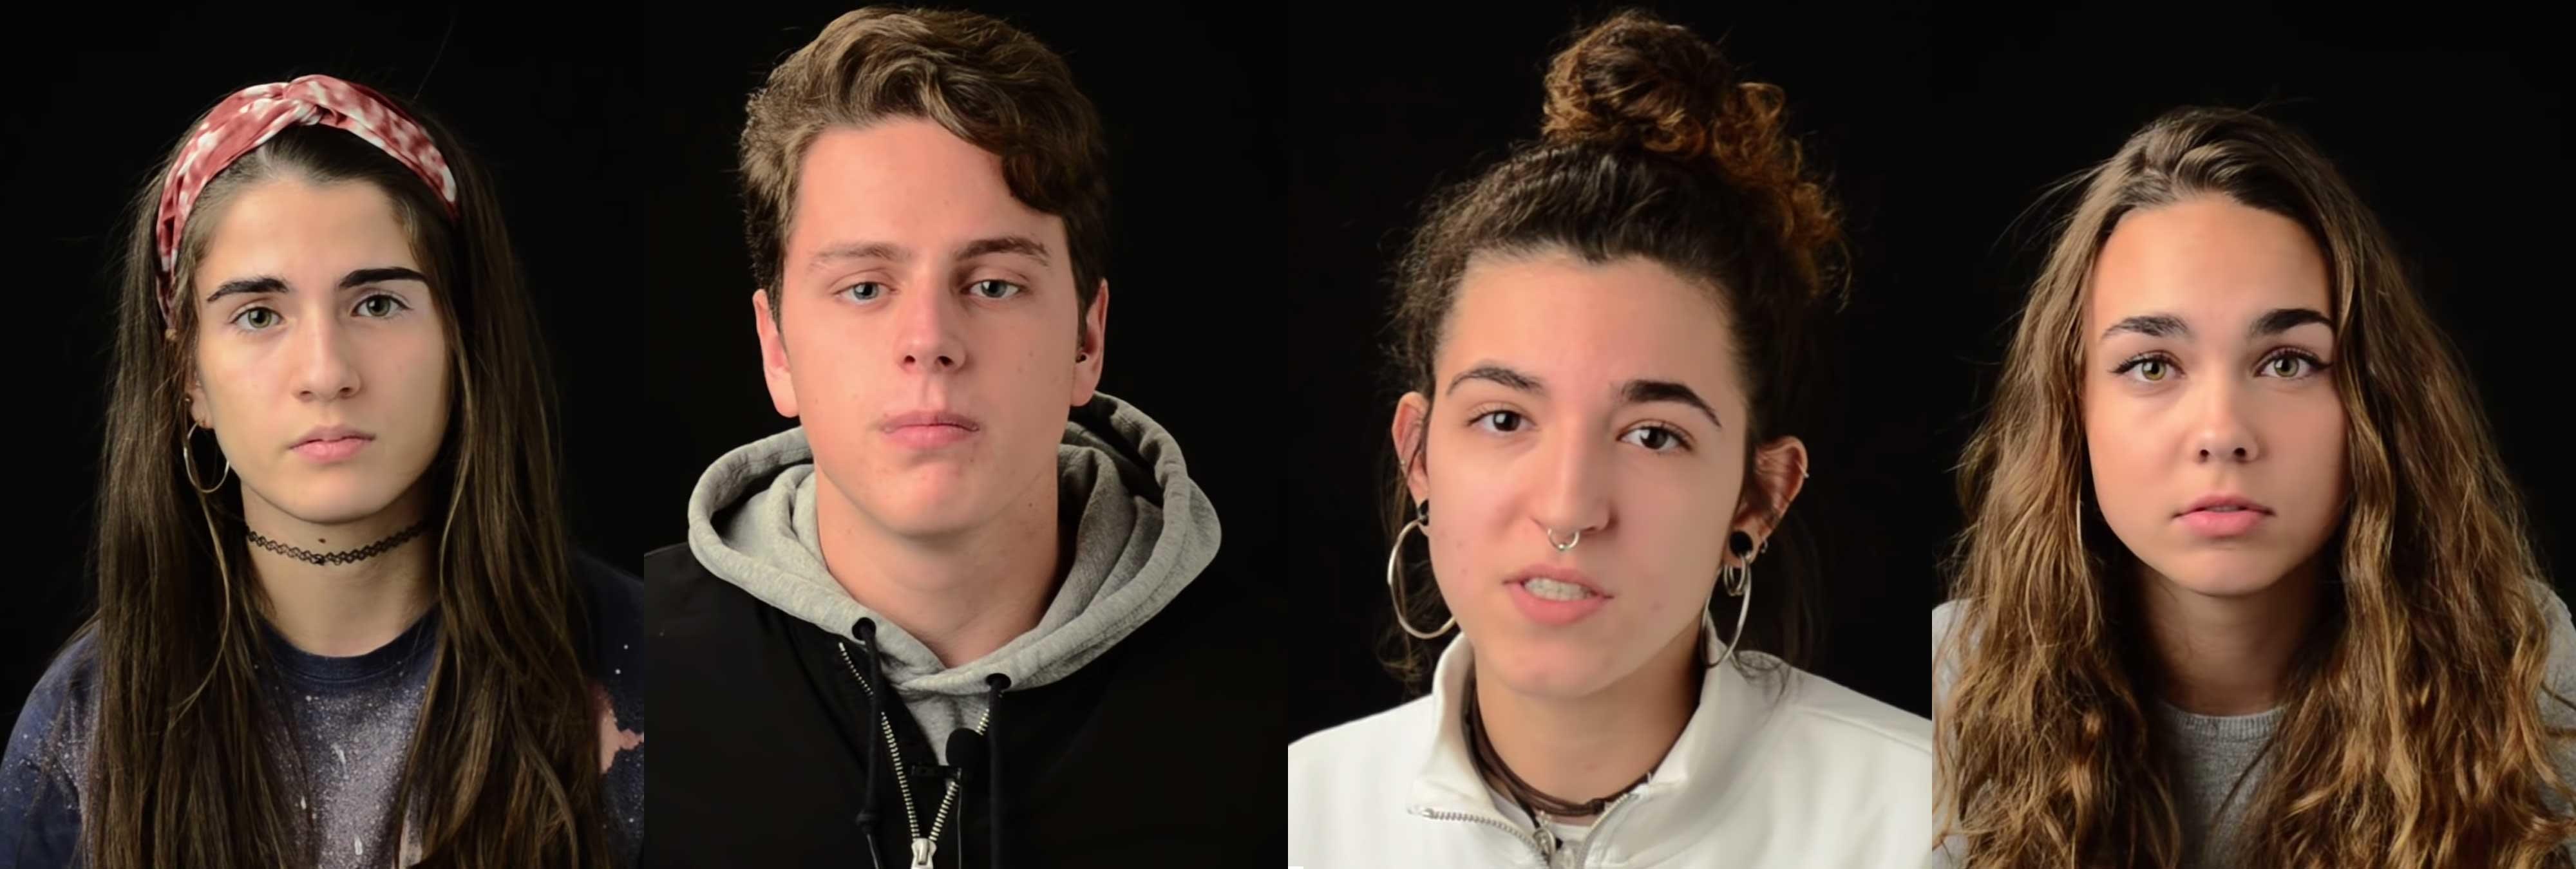 '¿Cómo te suena?': el vídeo de un grupo de adolescentes que denuncia el machismo en la música